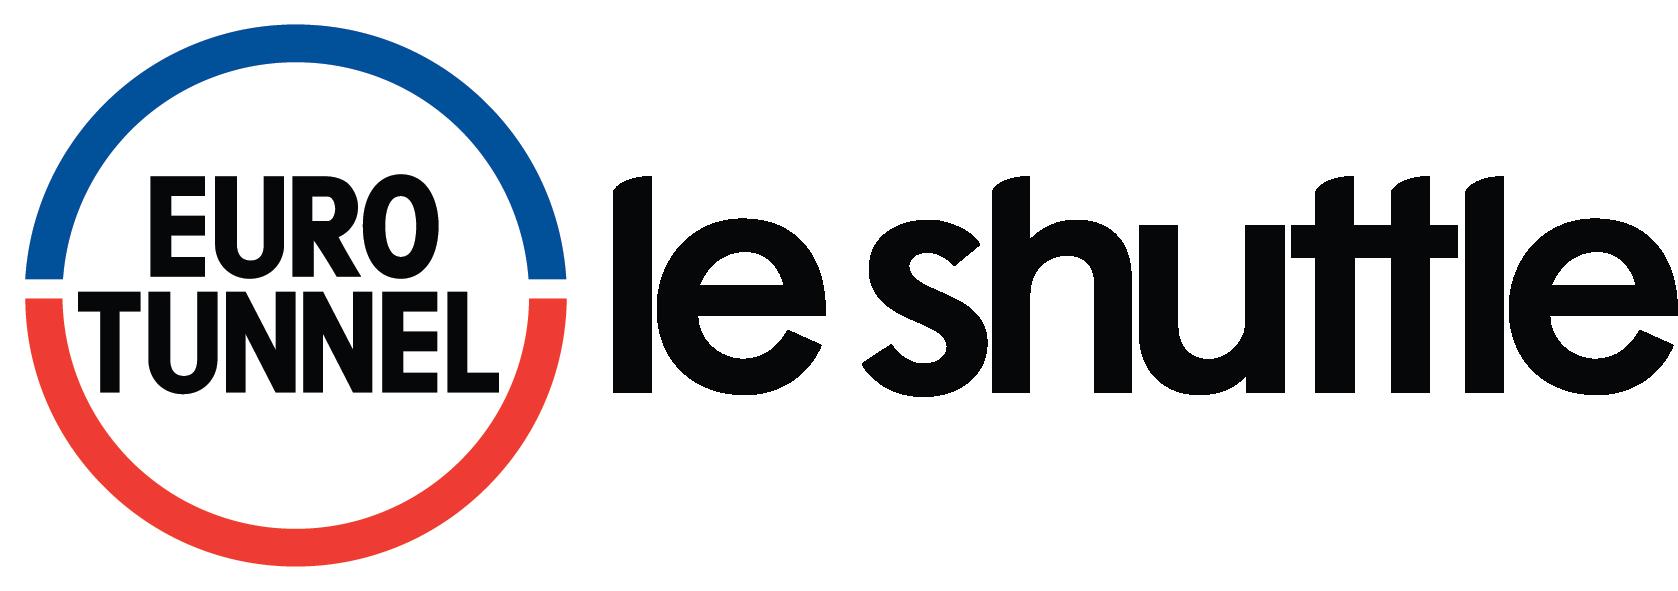 ETLS logo.png